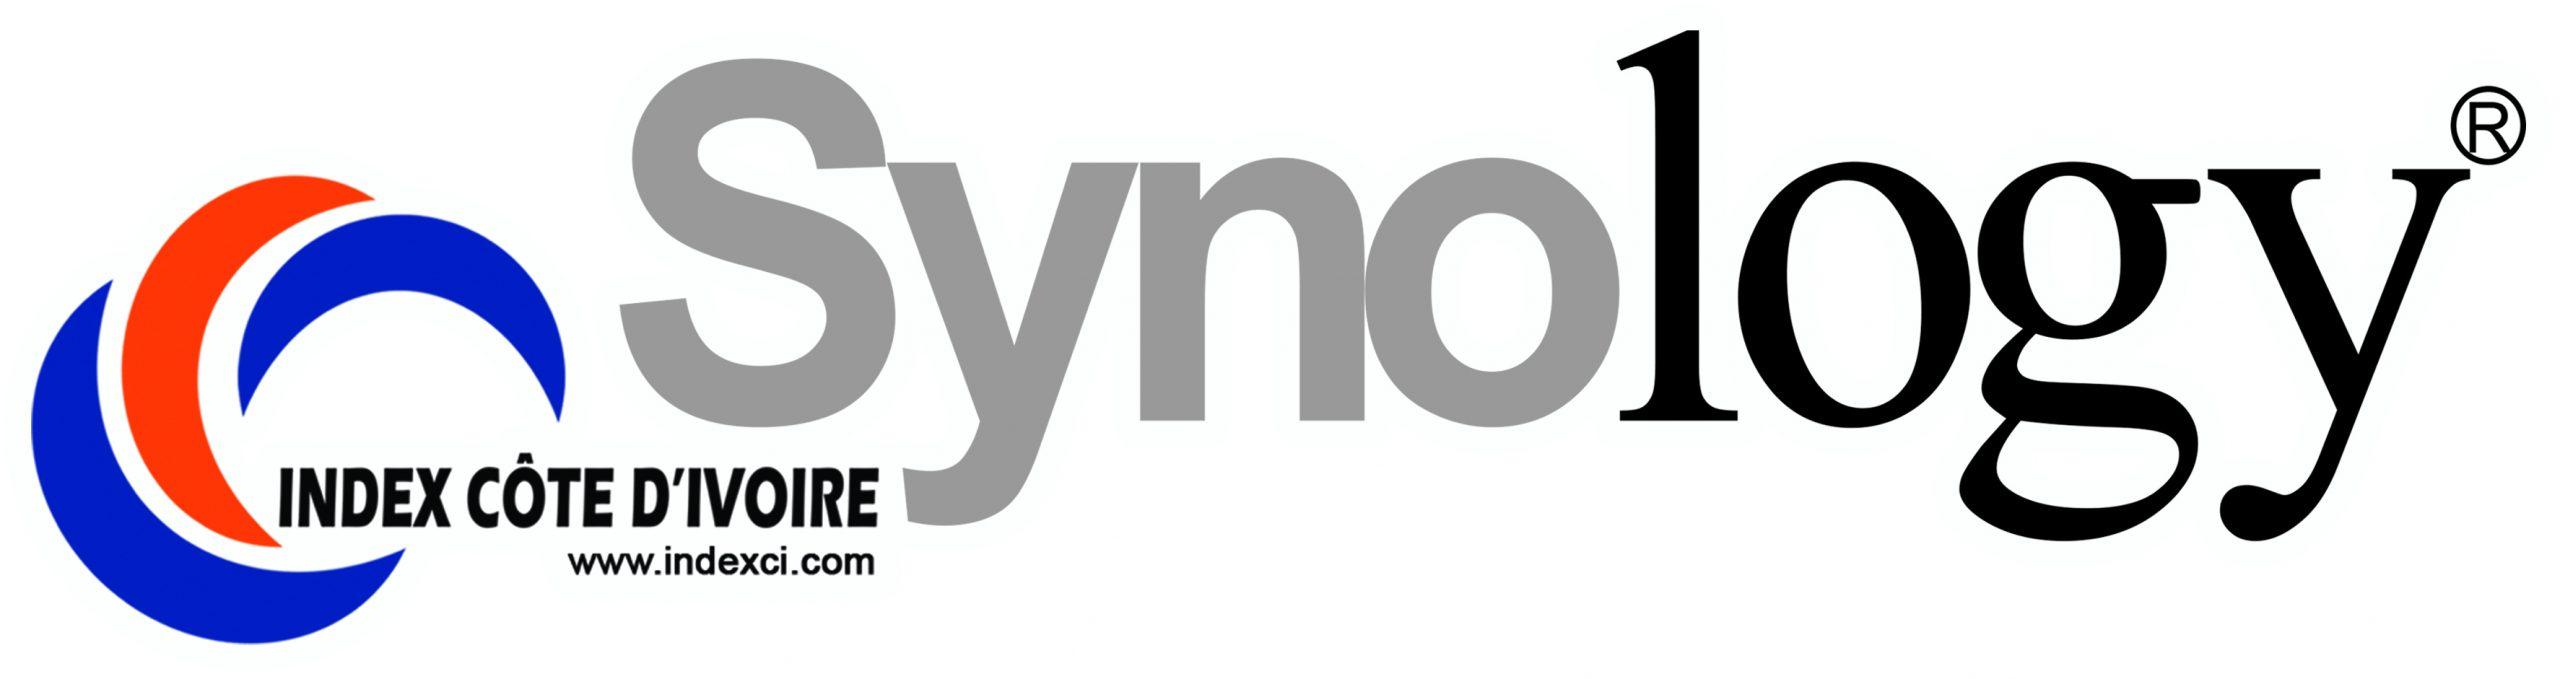 Index Cote d'Ivoire Synology